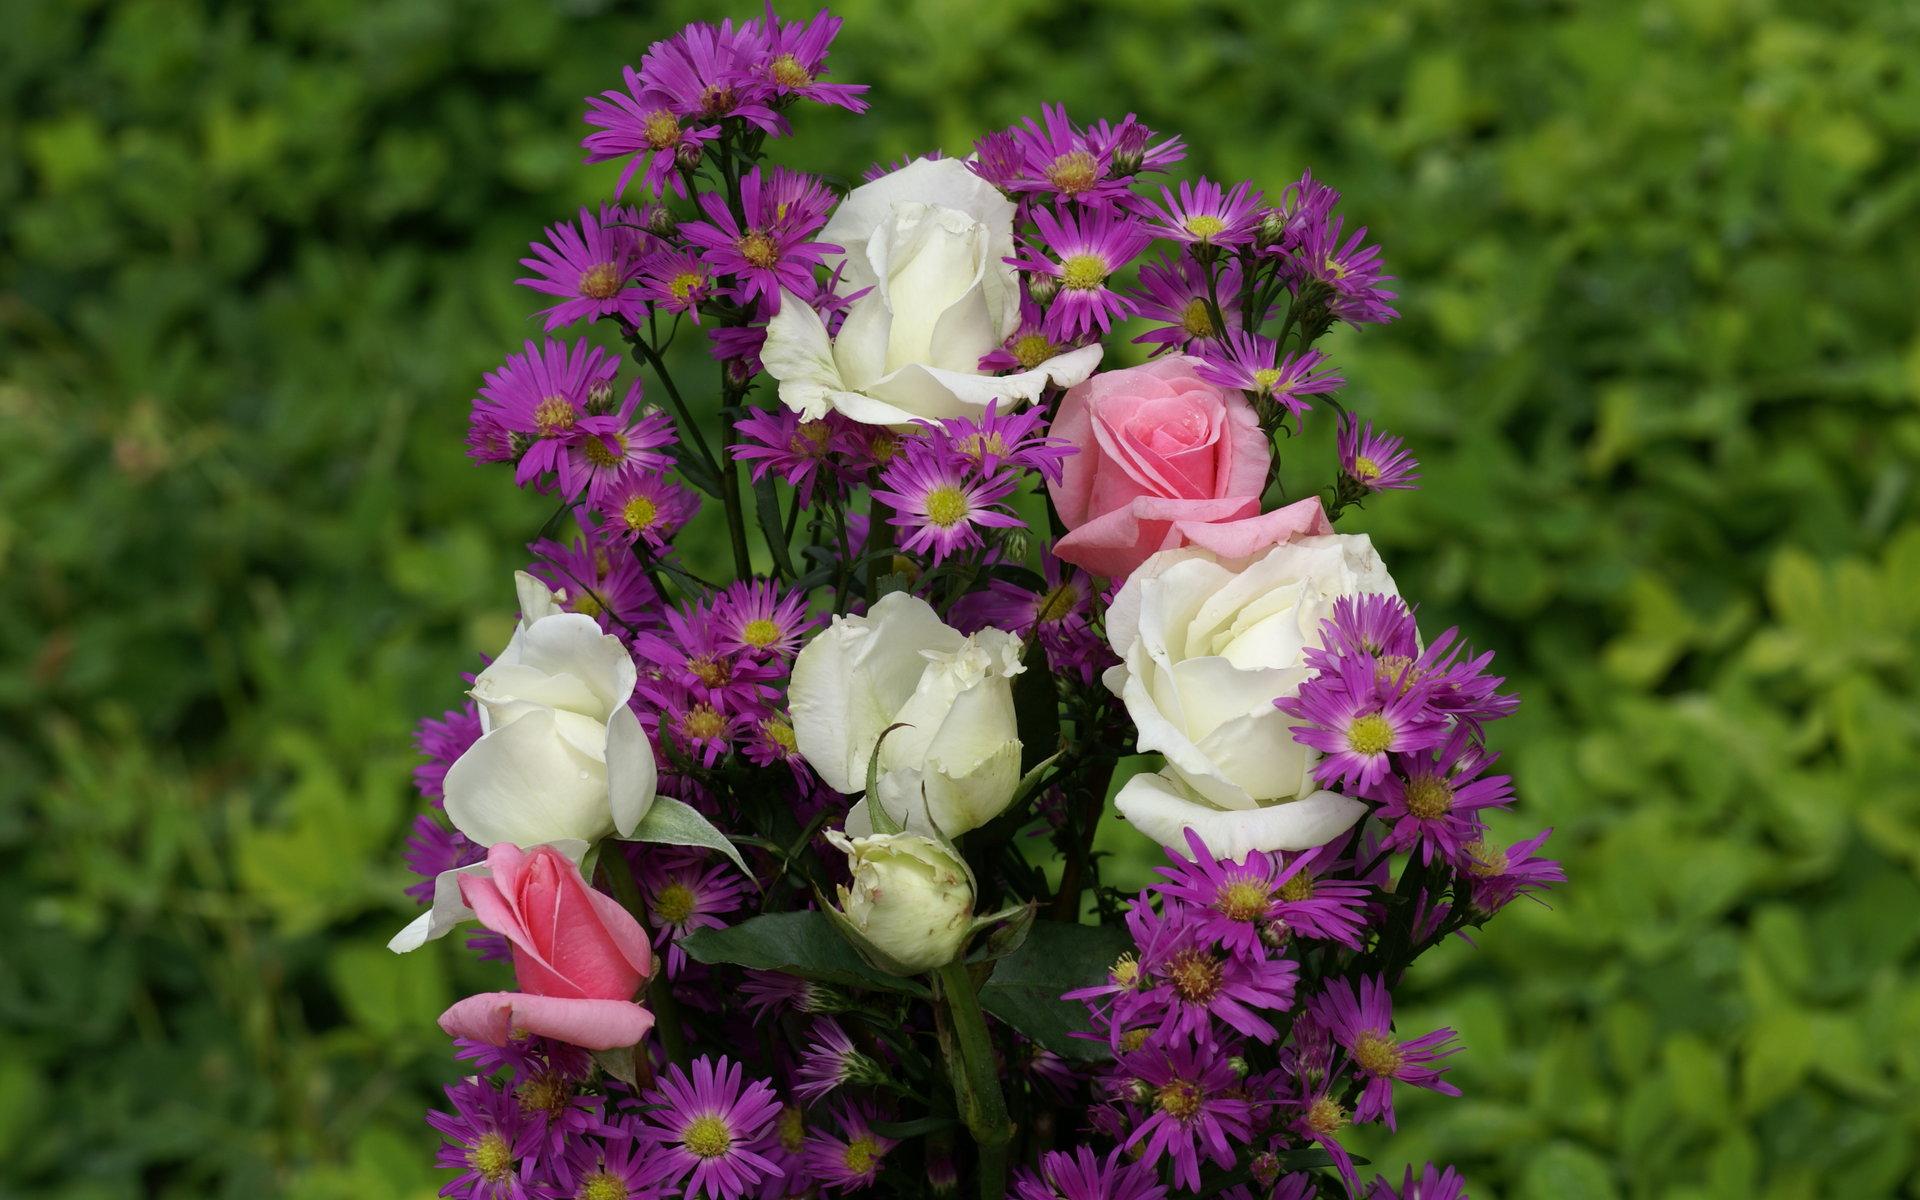 بالصور ورود من الطبيعة , اجمل صور لزهور جميلة 3752 8